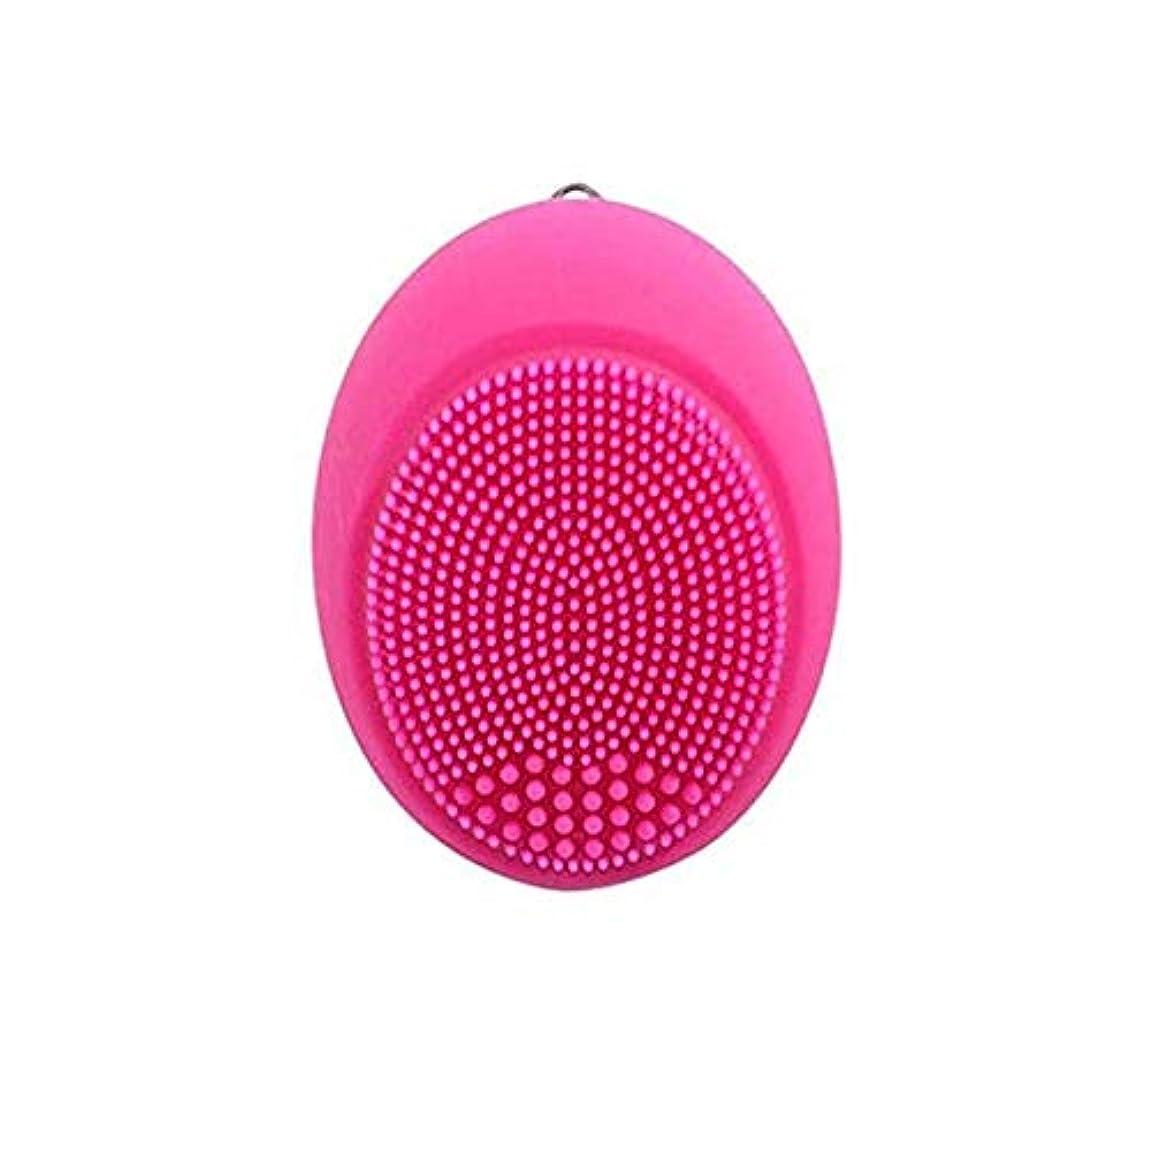 ばかげている締め切りはがきソニックバイブレーションフェイシャルクレンジングブラシ、シリコンディープクレンジングブラシスキンクレンザーアンチエイジングジェントルエクスフォリエイティングリジュビネイトスキンマルチカラー (Color : Rose pink)